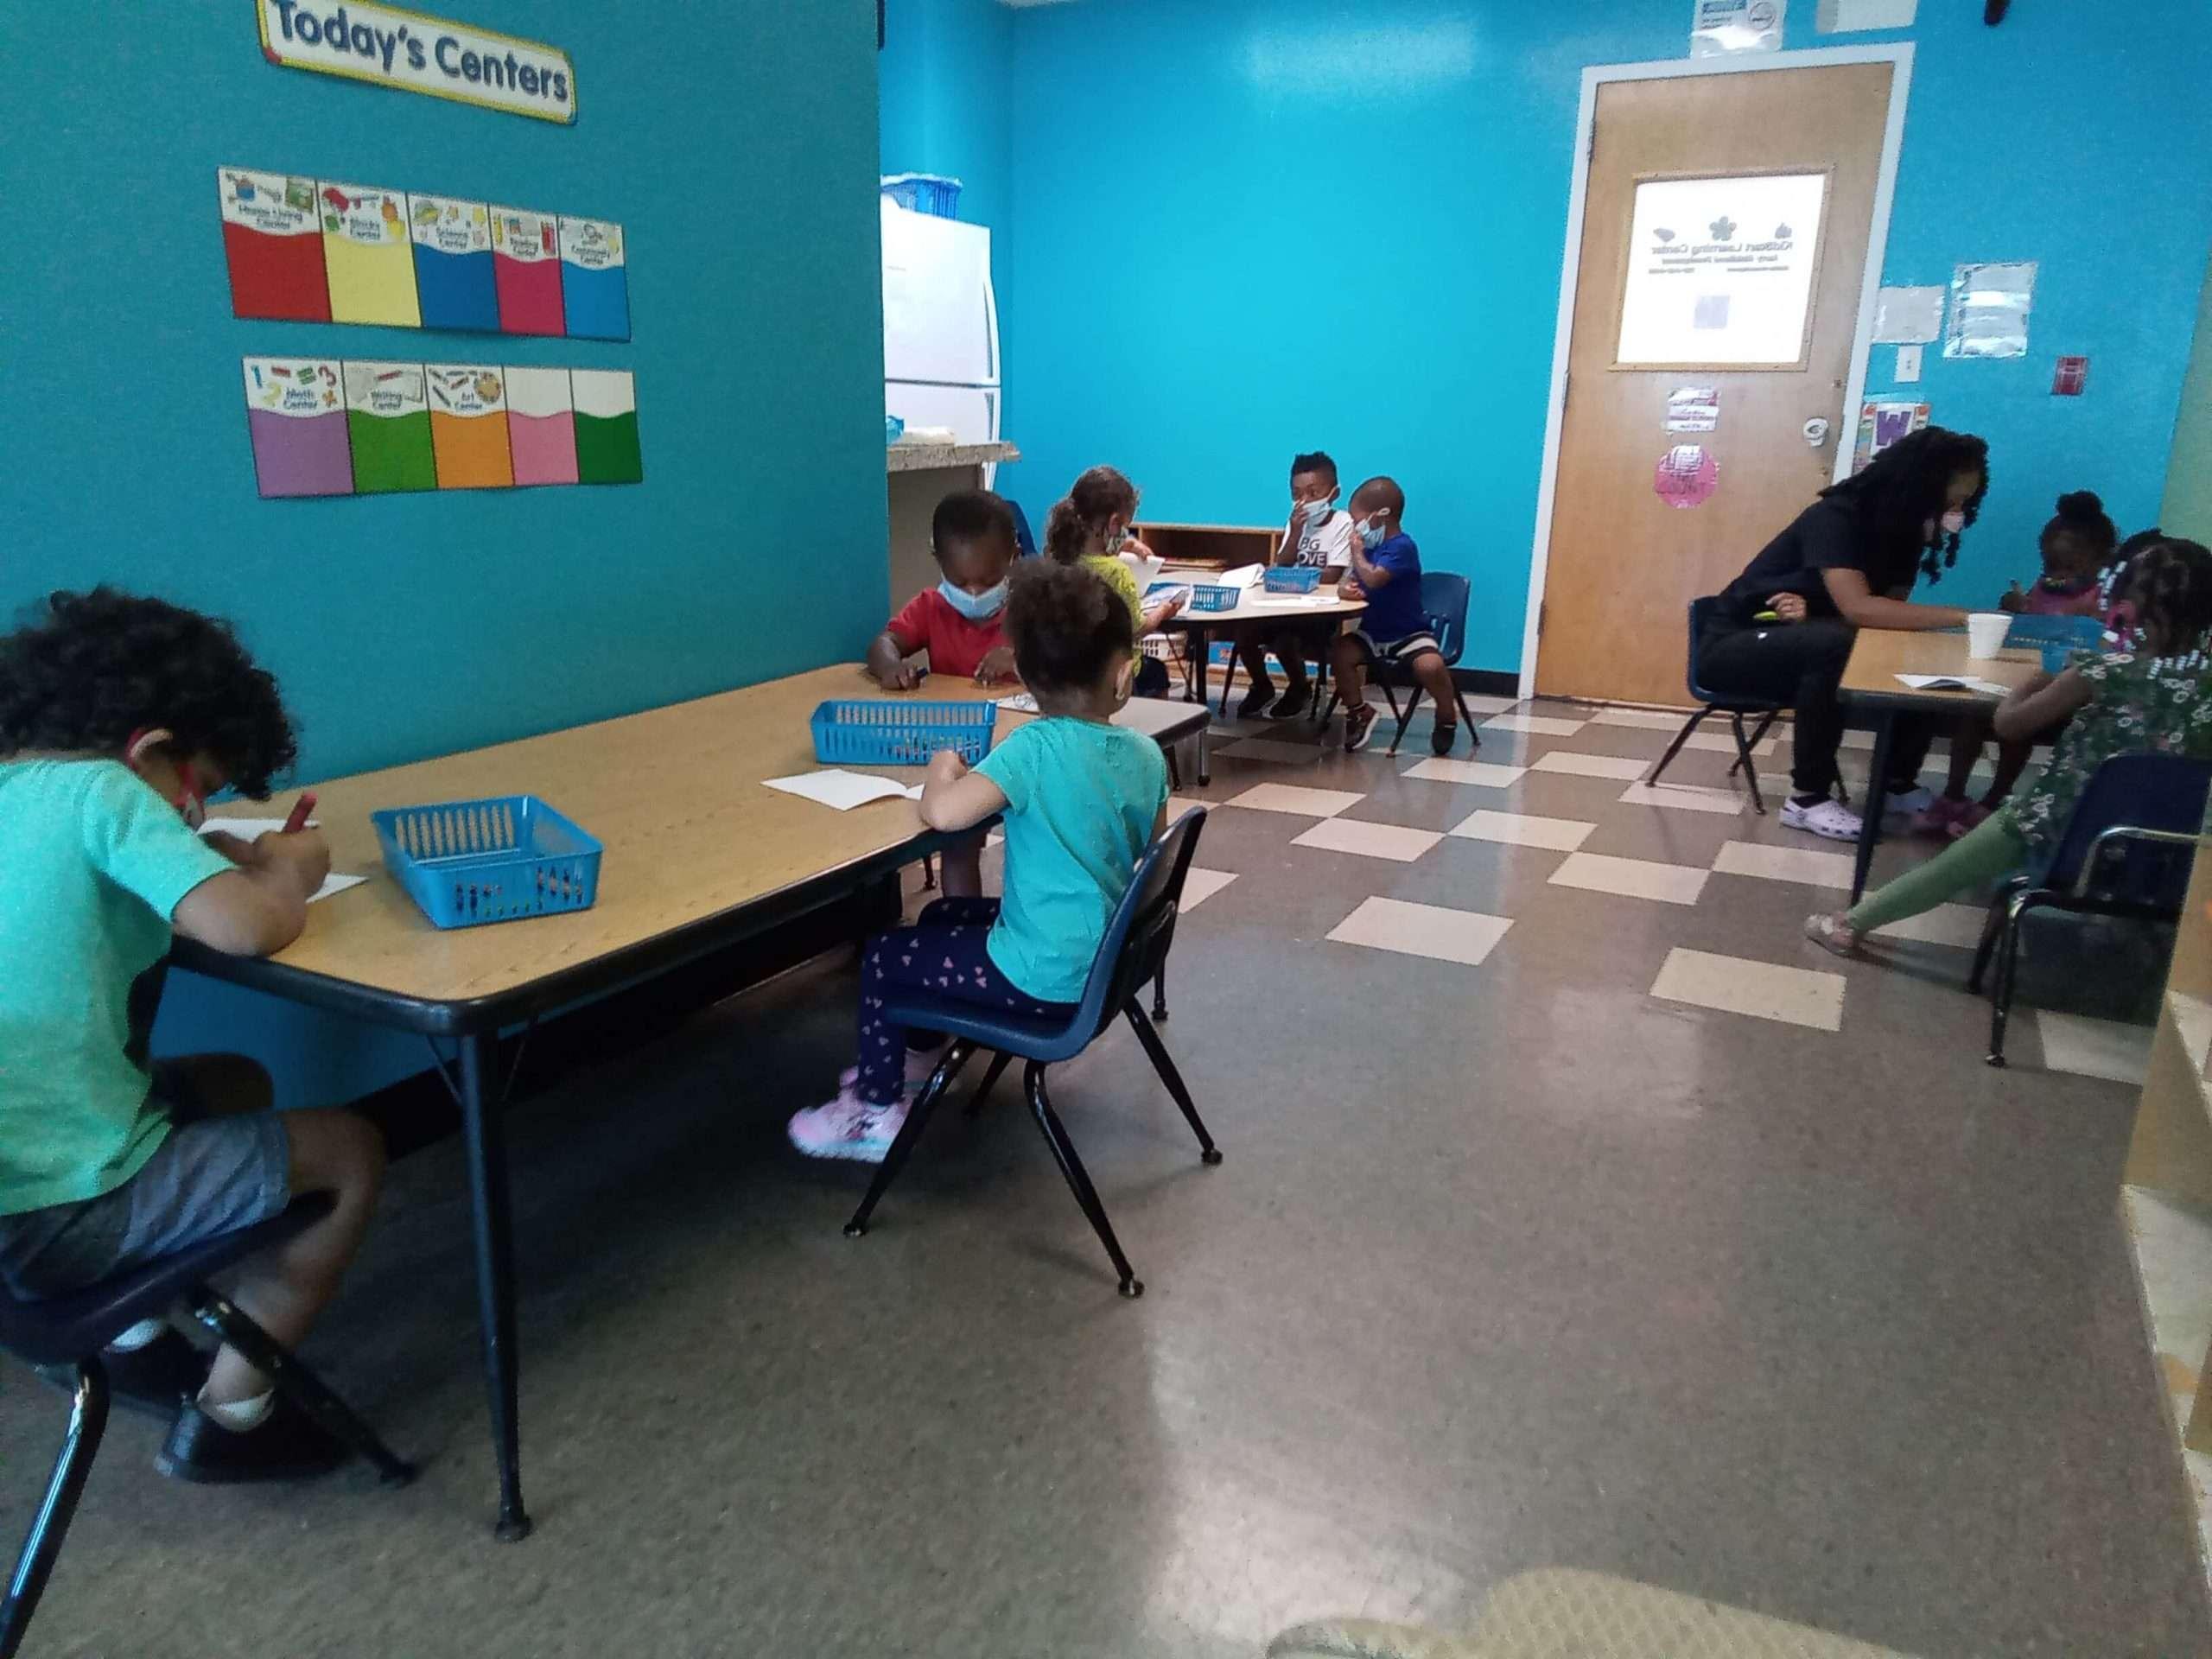 kidstart-learning-center-gallery